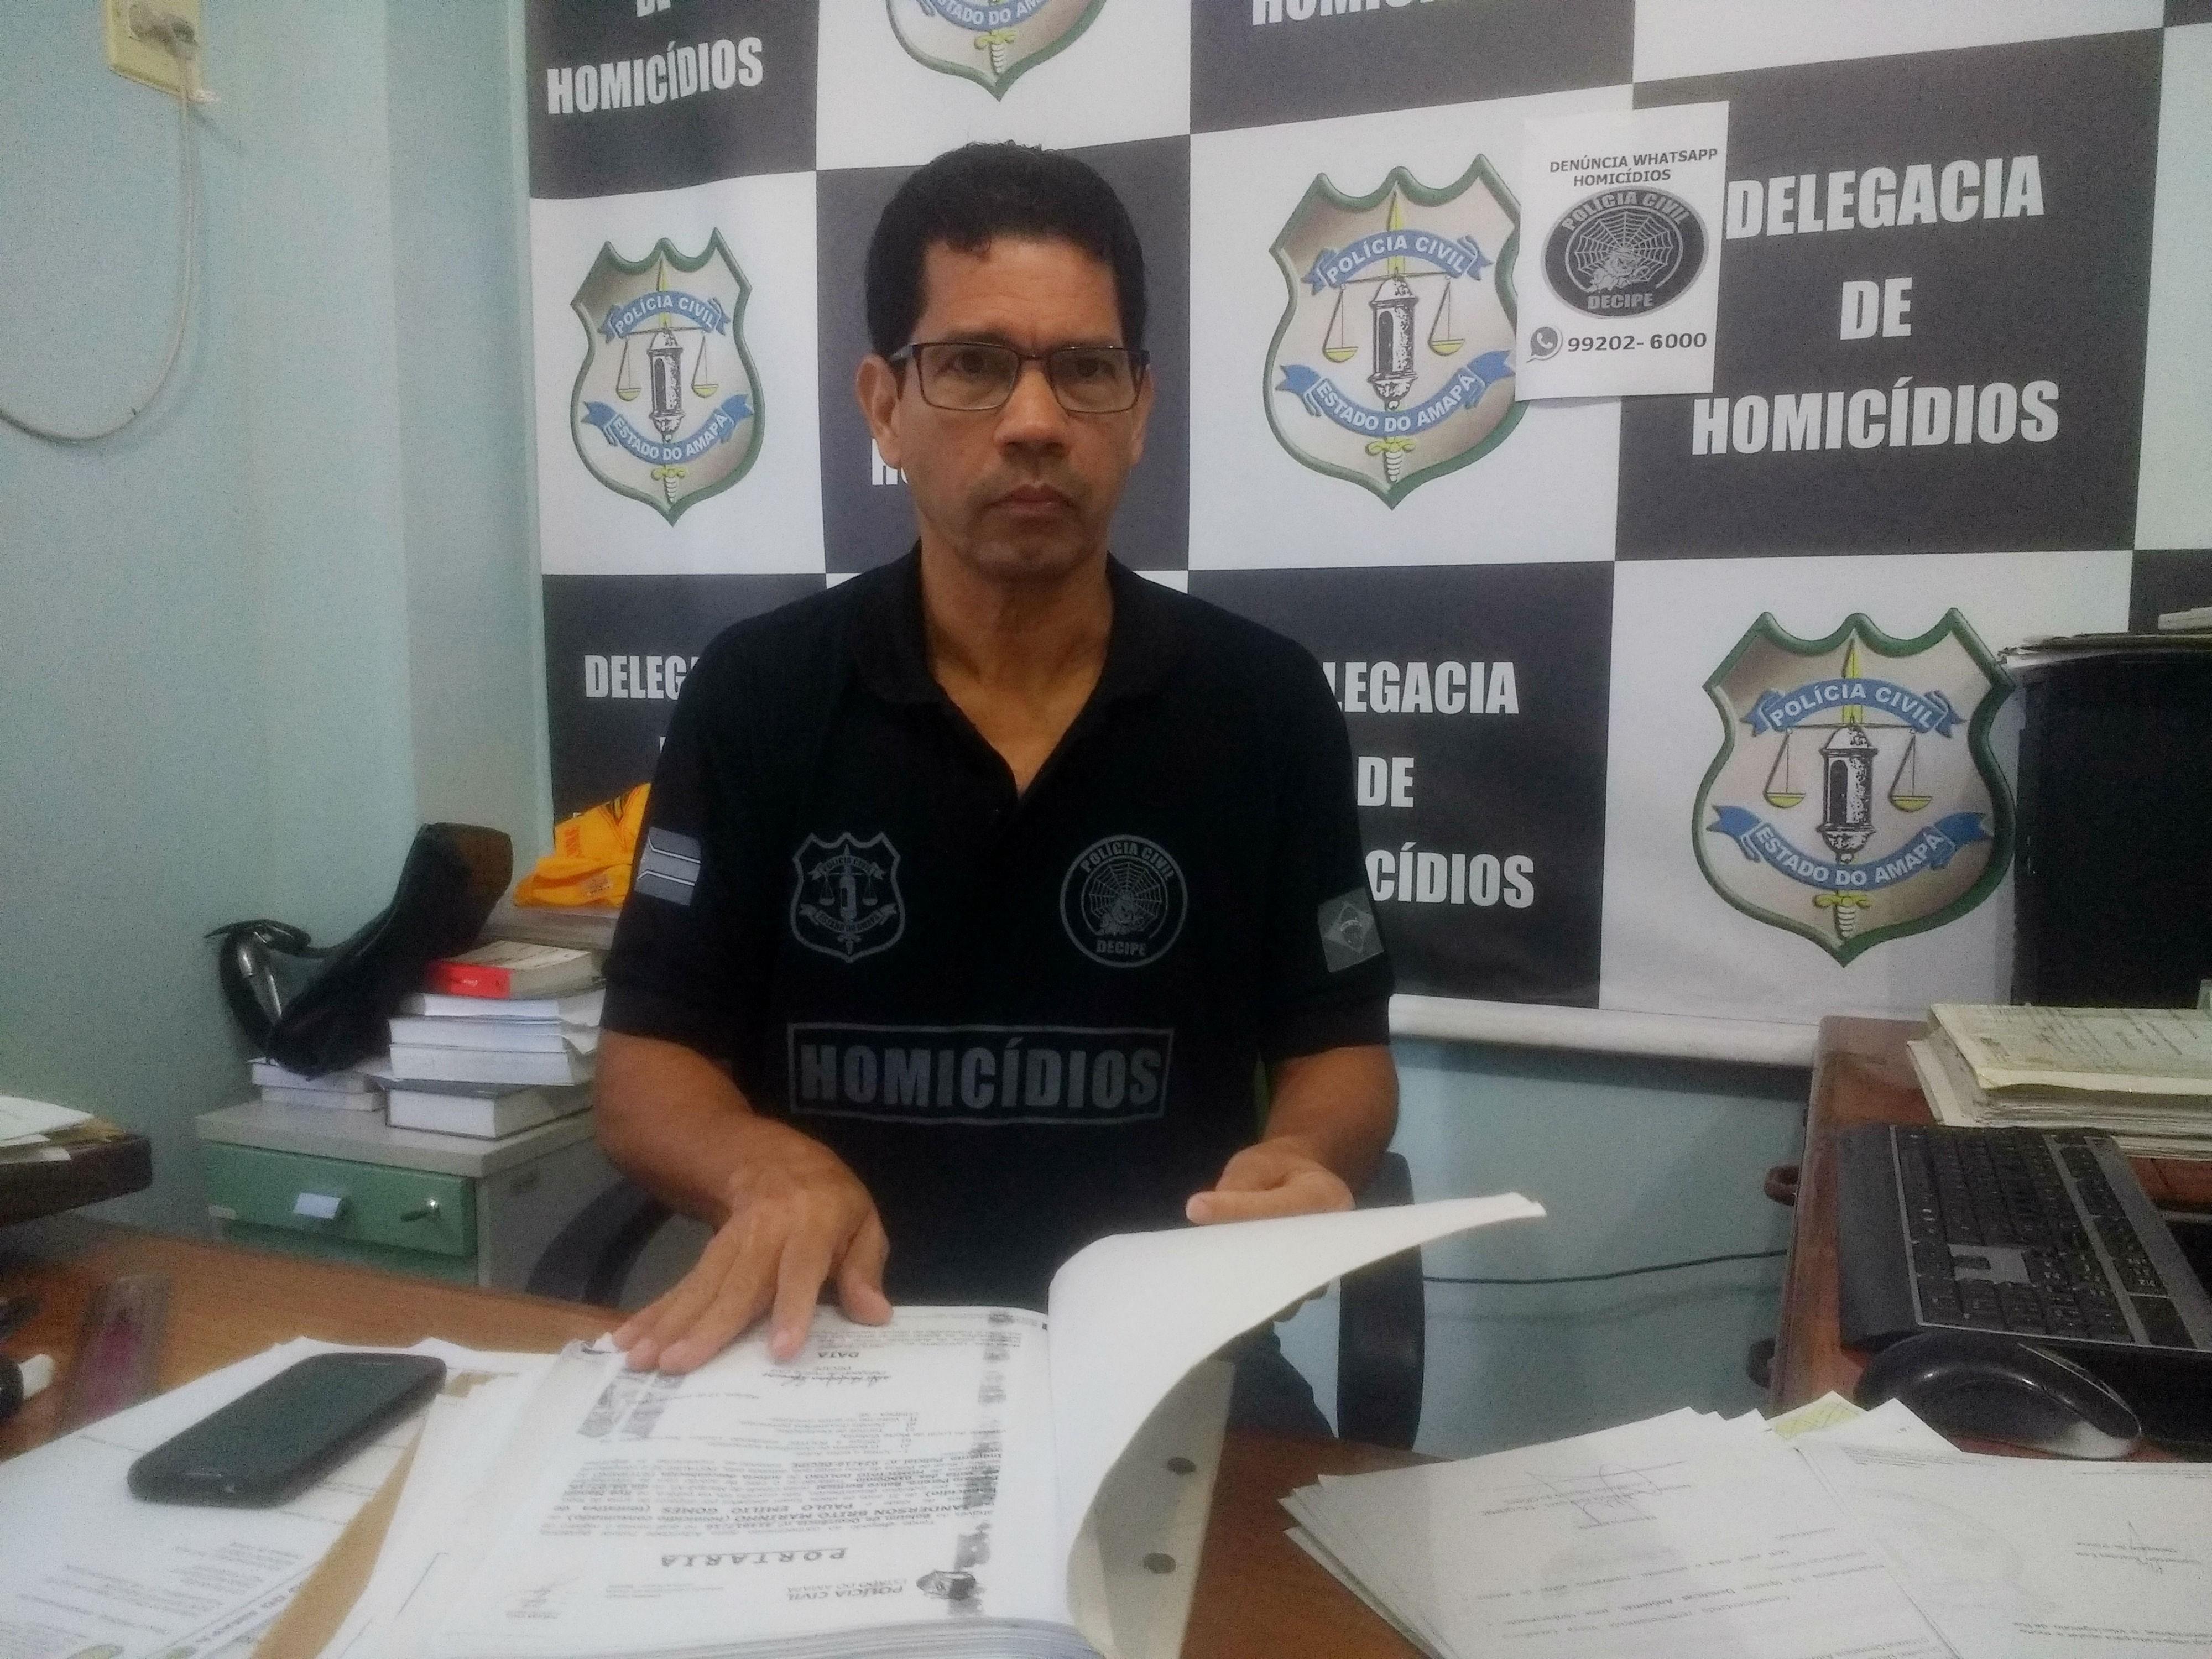 Suspeito de homicídio em Macapá é preso cinco meses após o crime e nega autoria